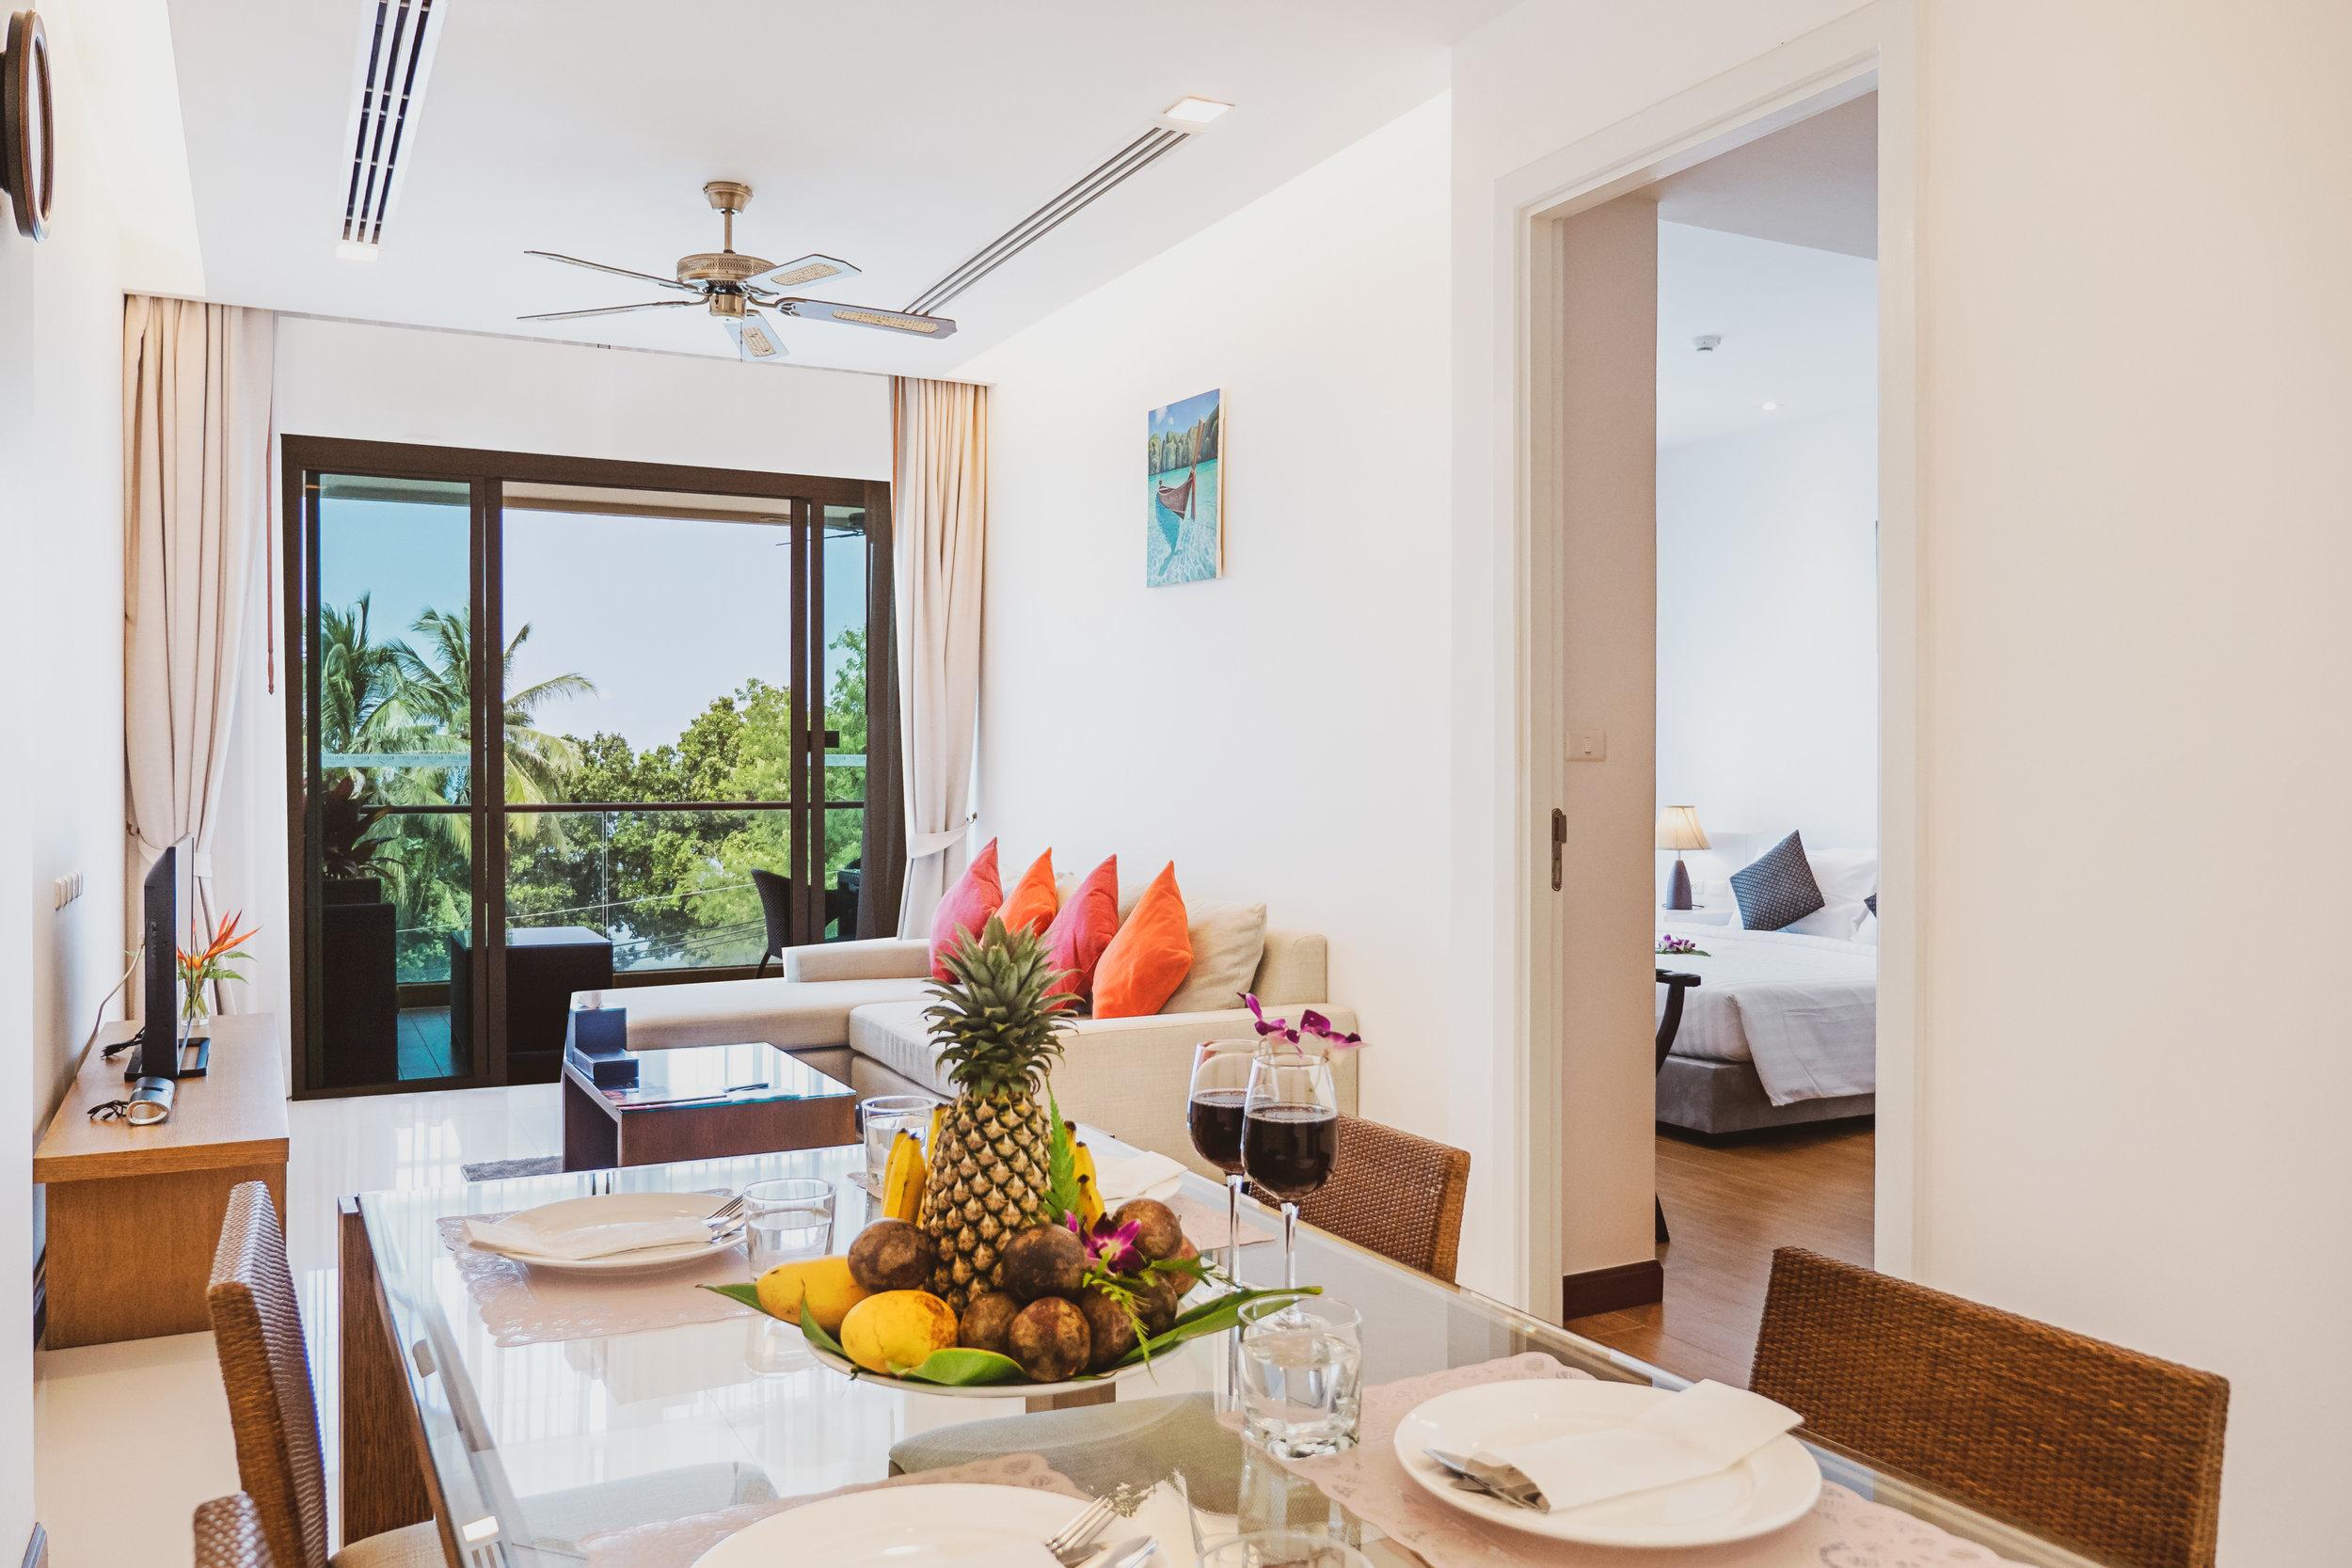 Sea View 1 Bed Apartment Klong muang Beach Krabi